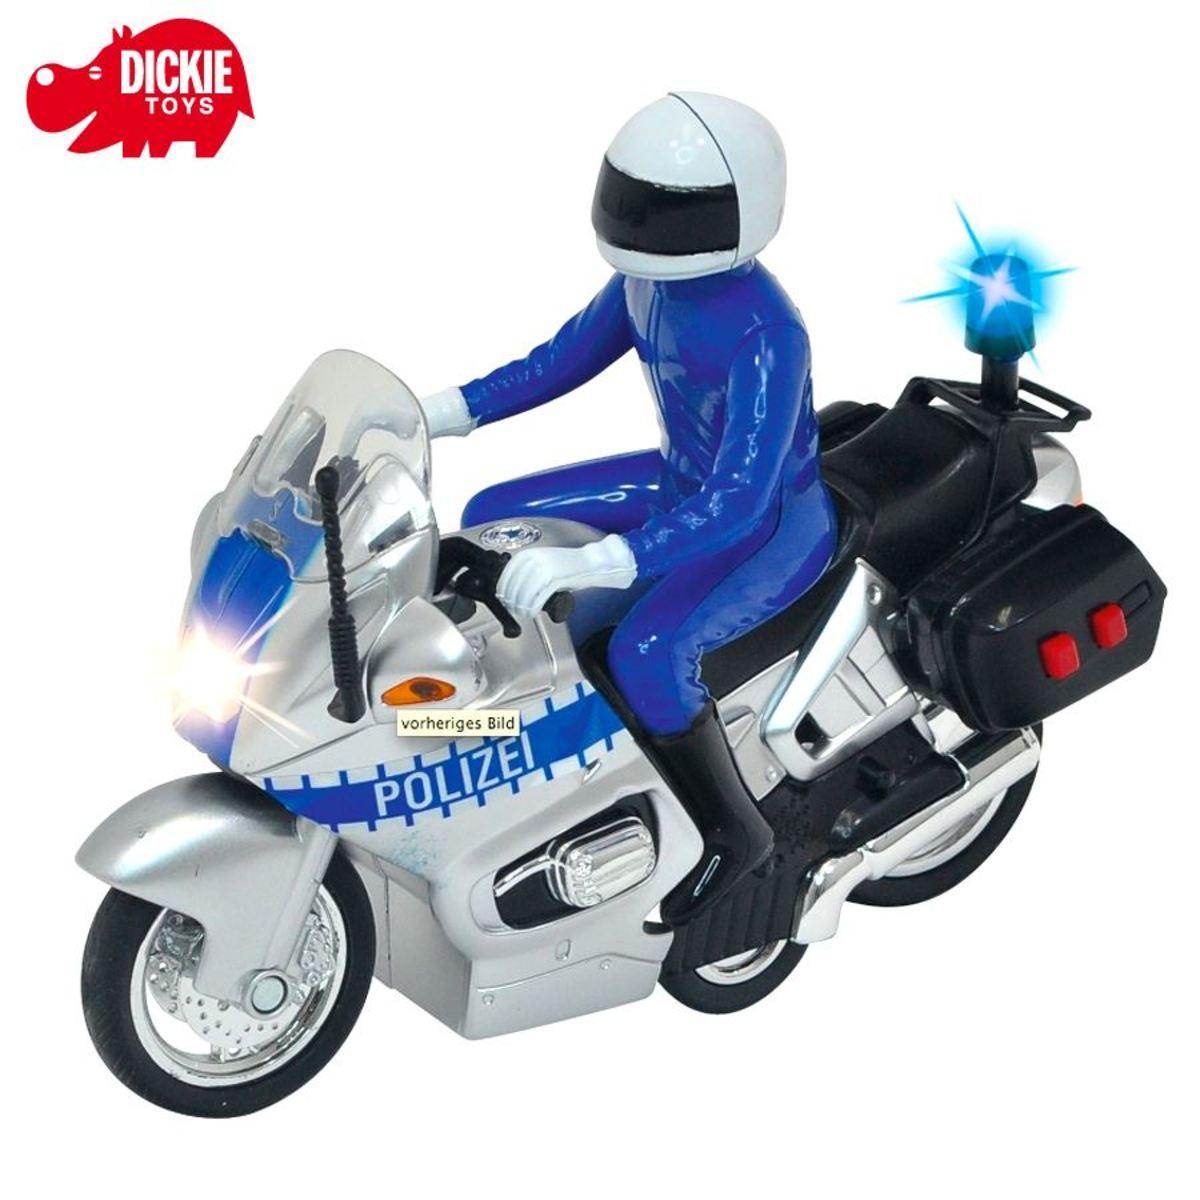 Bild 1 von Dickie Toys Polizei-Motorrad